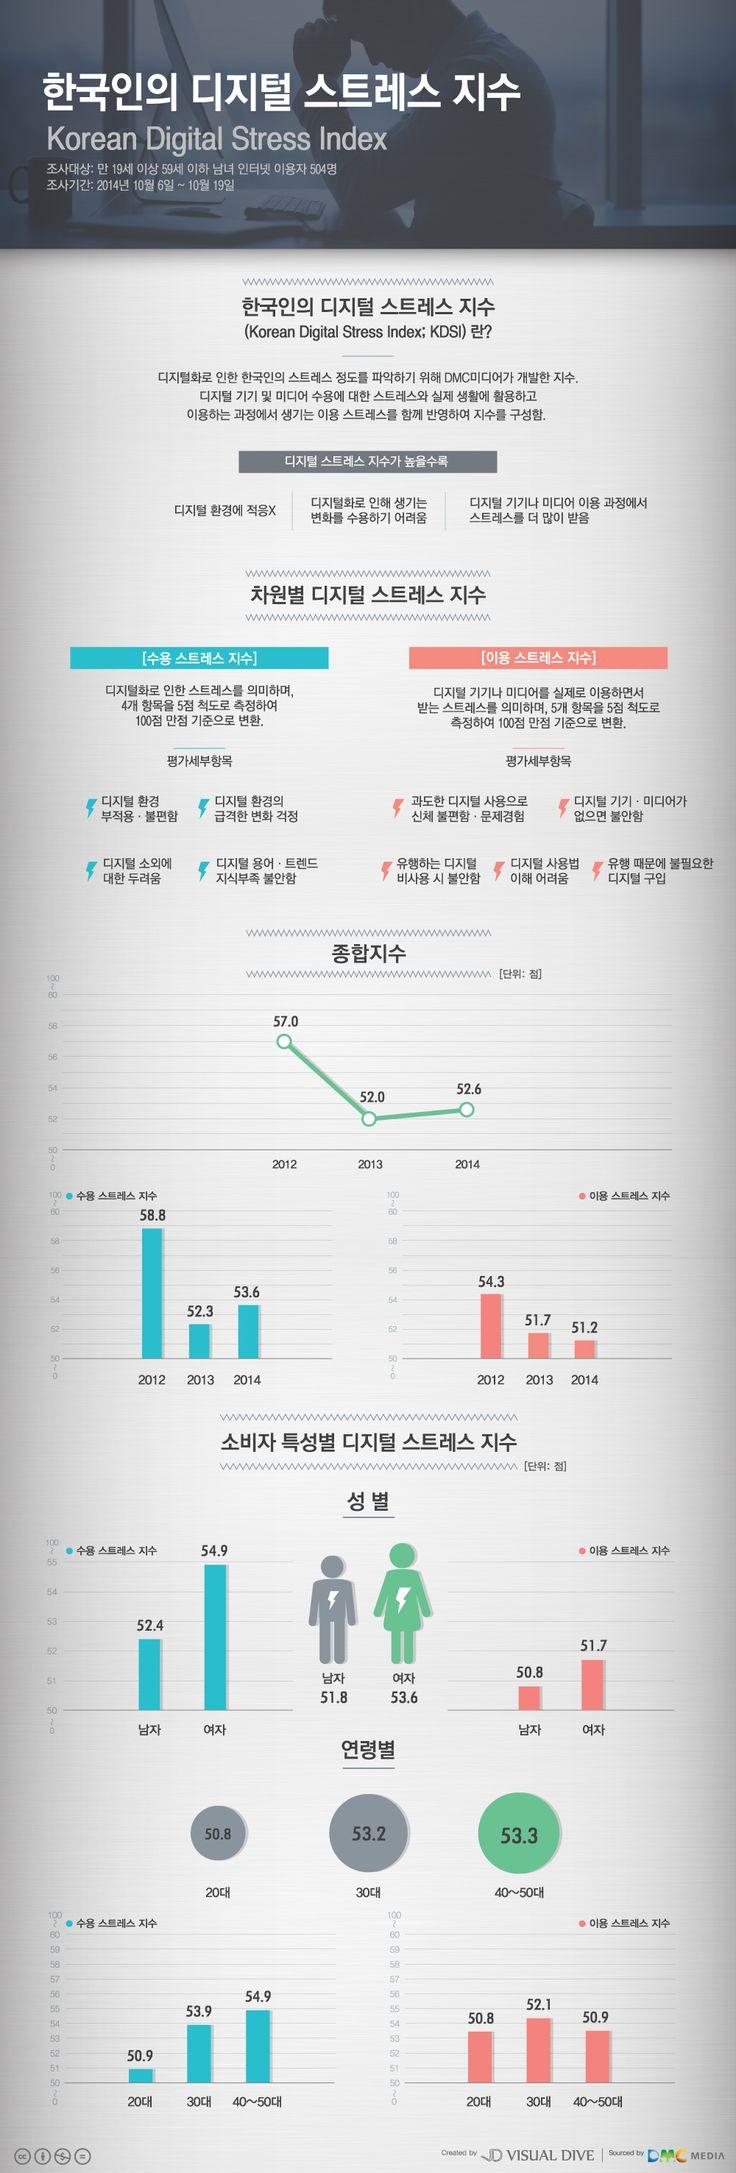 한국인 디지털 스트레스 지수 '52.6점'… 여성·30대 더 많이 받아 [인포그래픽] #Digital Stress / #Infographic ⓒ 비주얼다이브 무단 복사·전재·재배포 금지